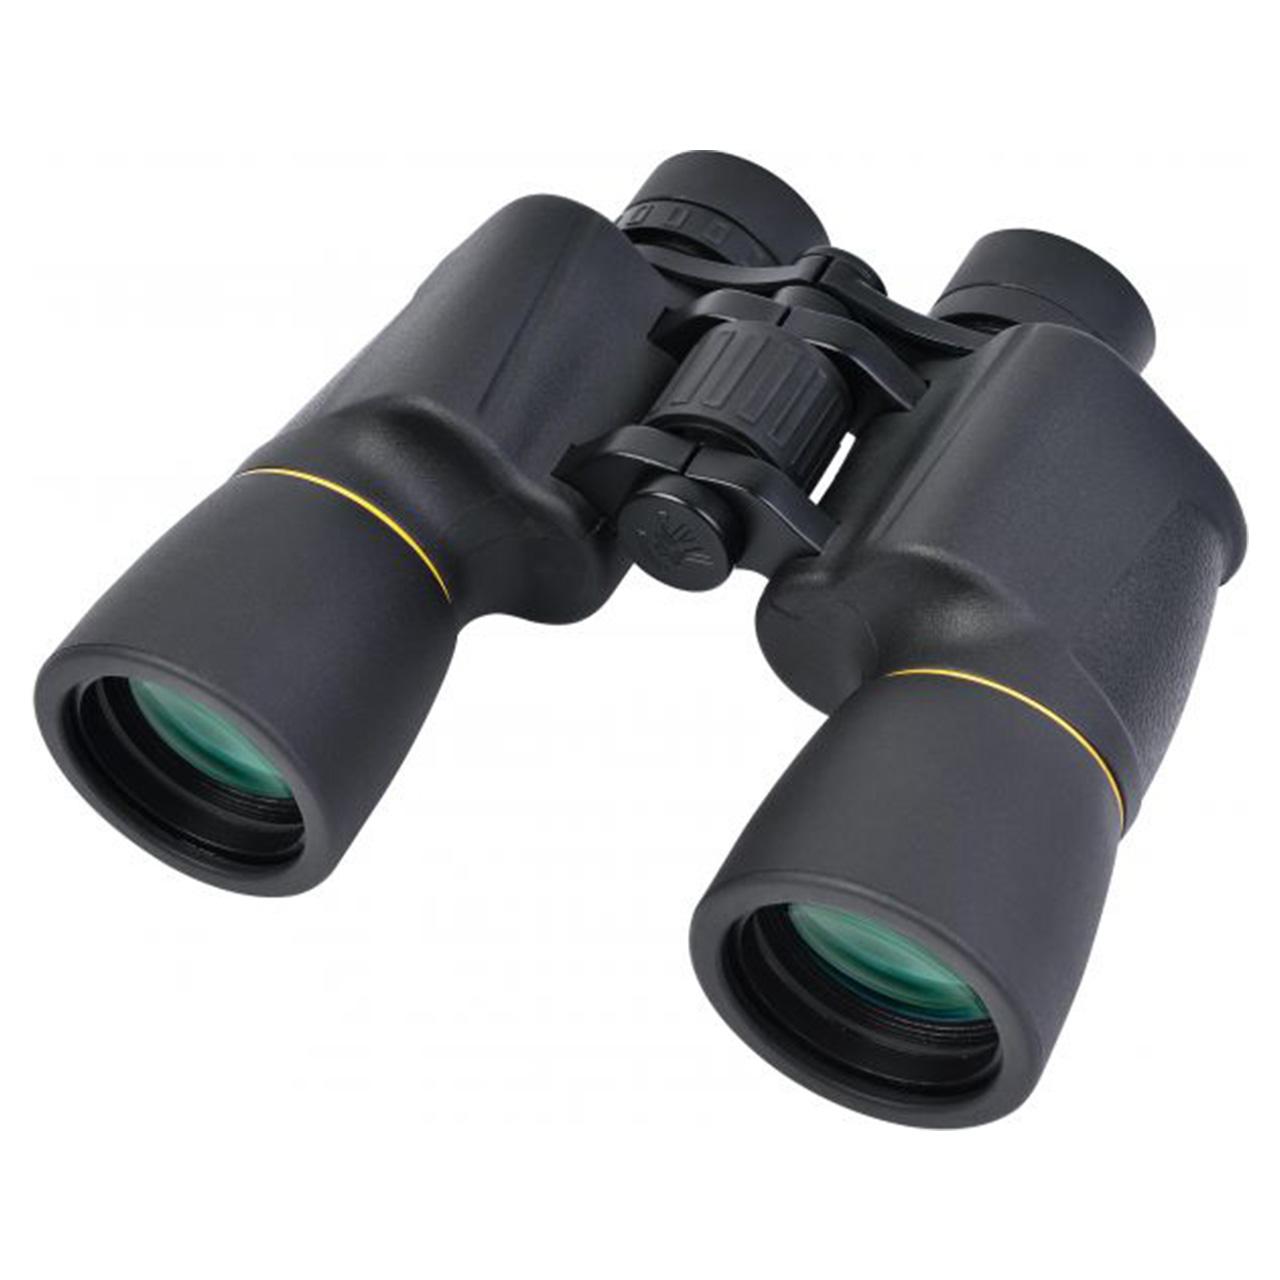 دوربین دوچشمی نشنال جئوگرافیک مدل  7X50 BK-4 Fernglas